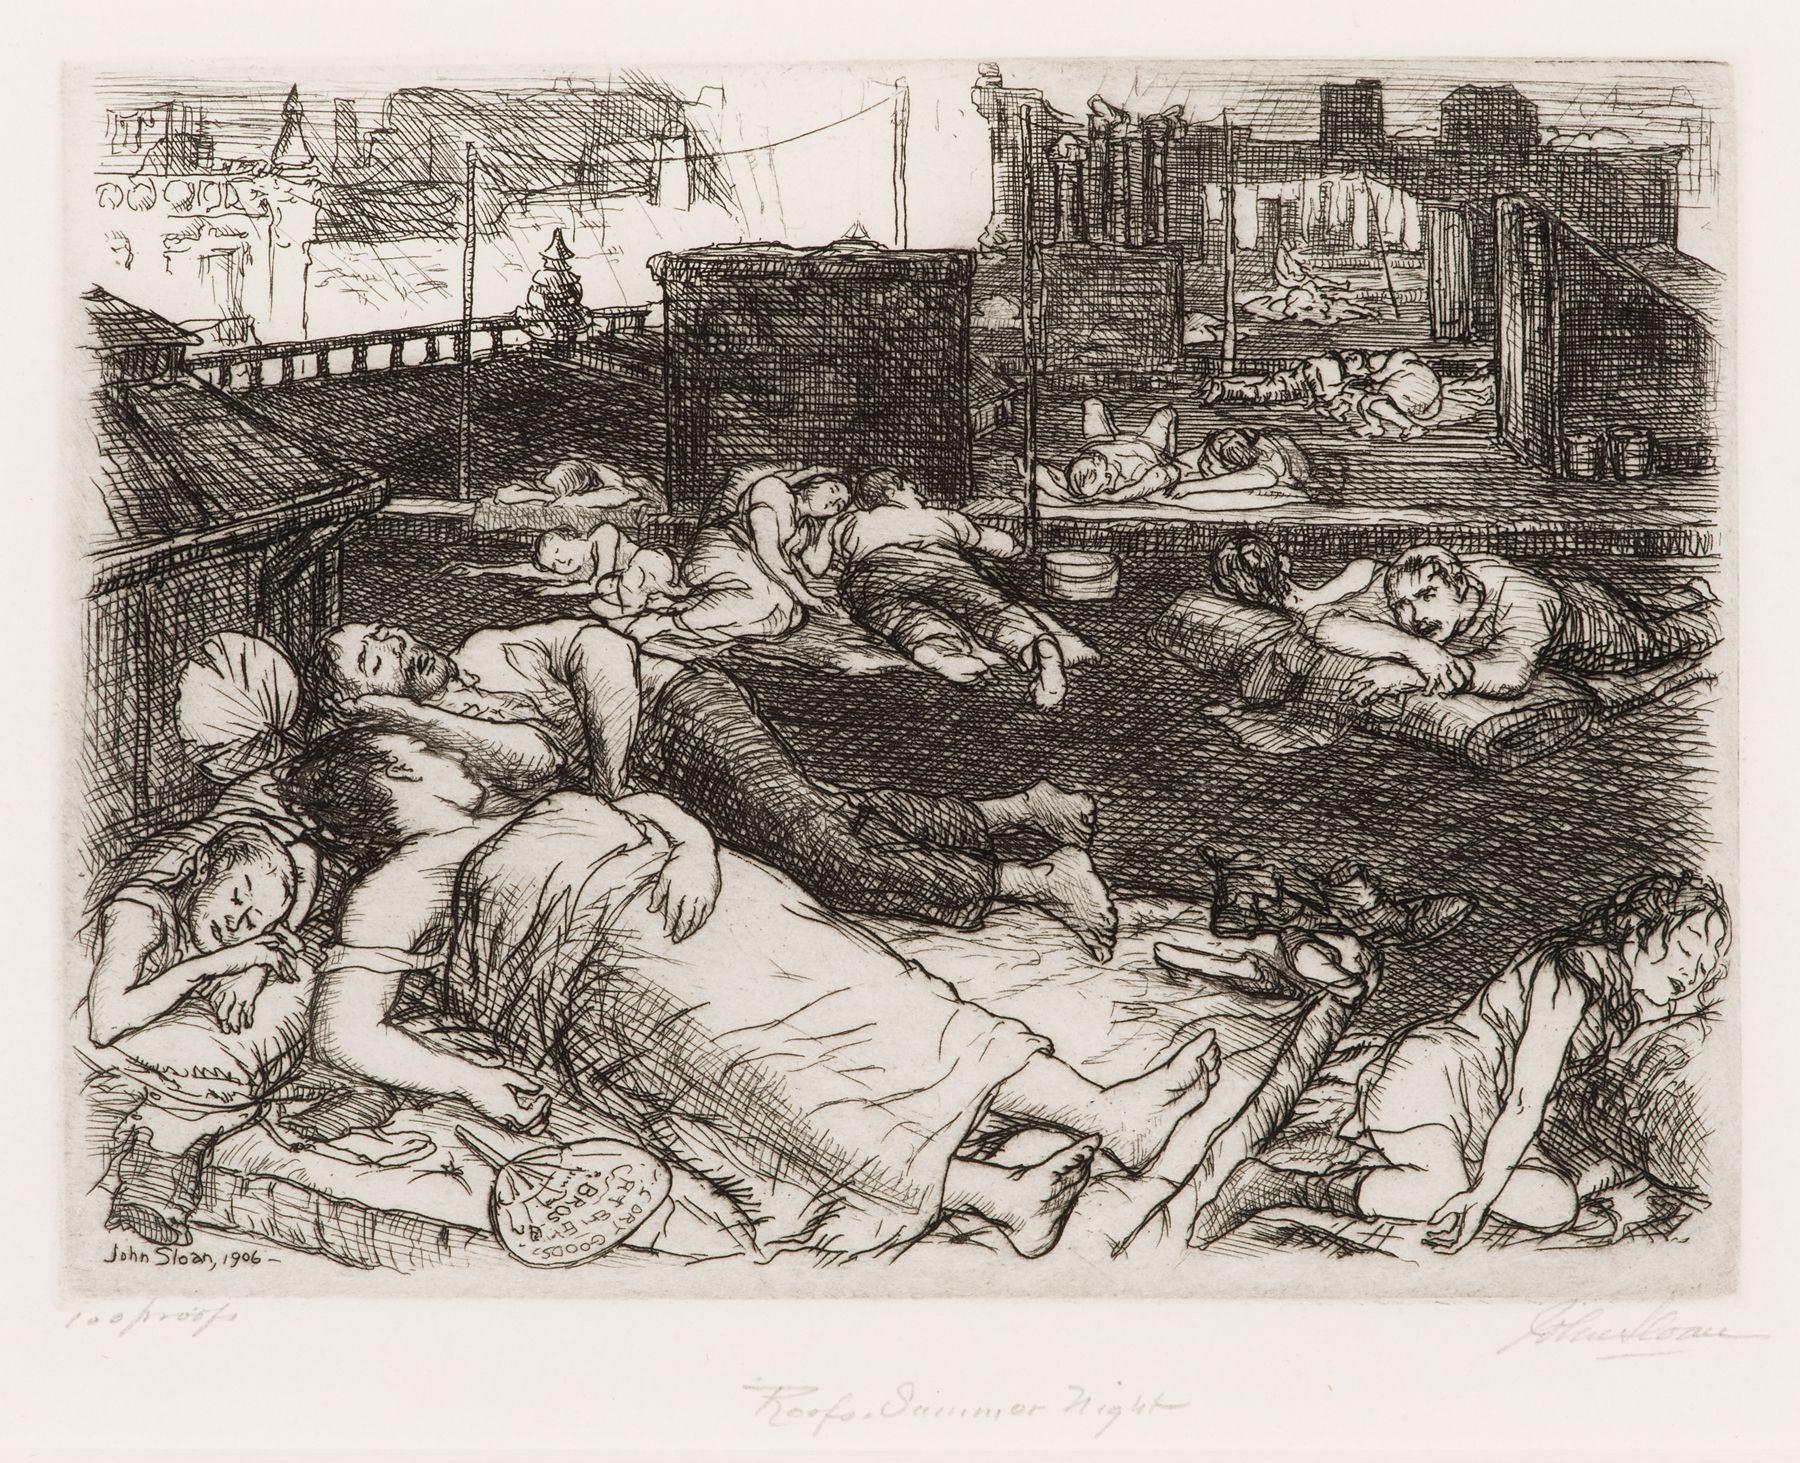 """John Sloan, """"Roof, Summer night"""" (1906)."""